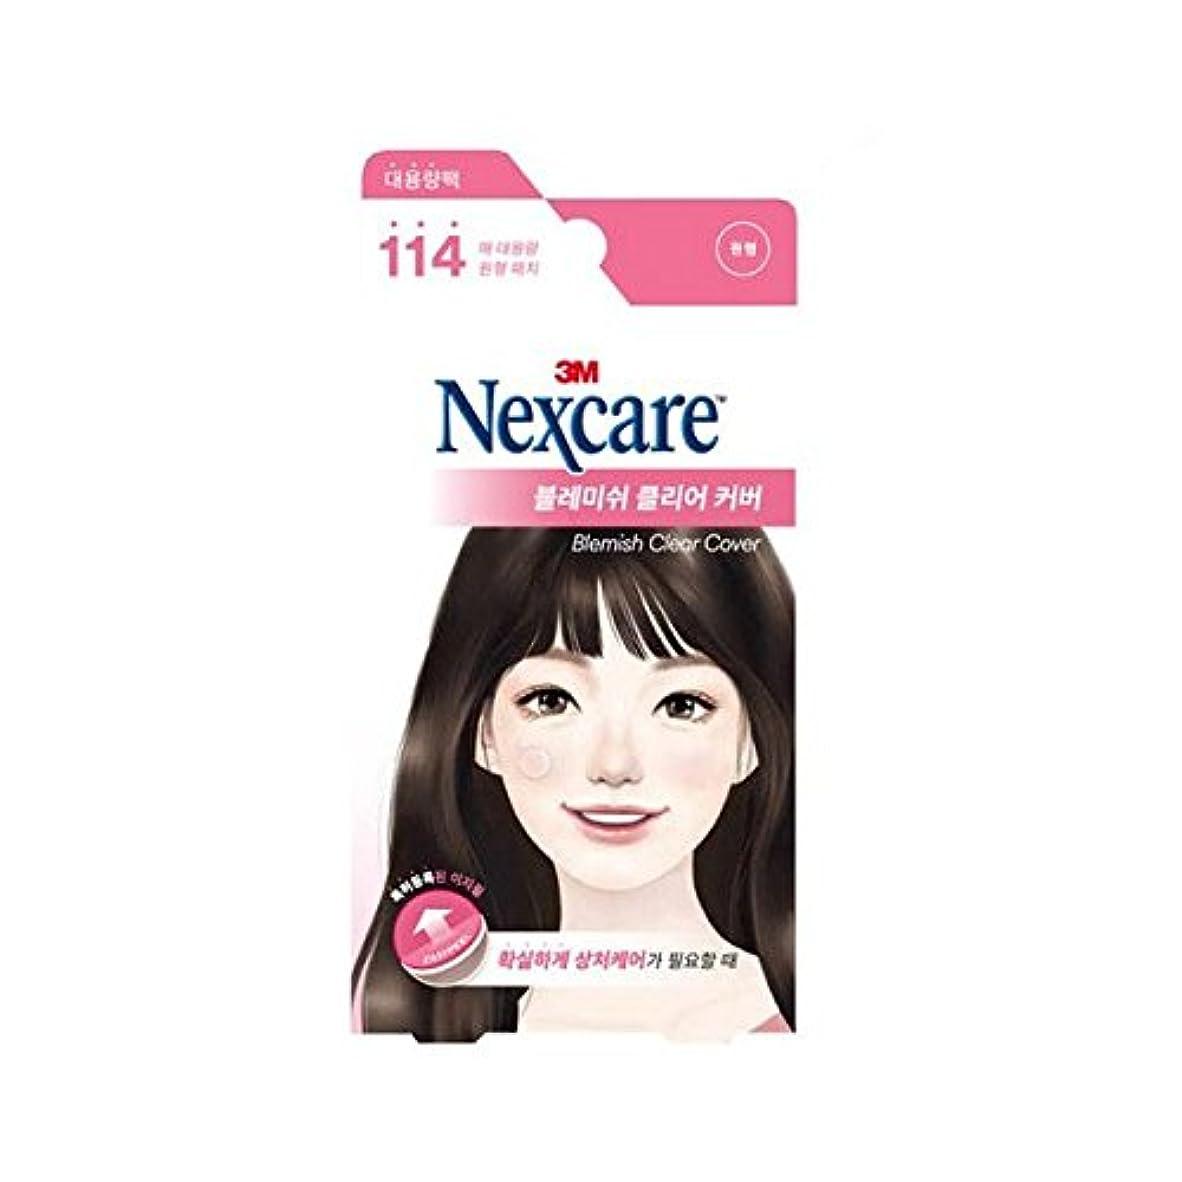 団結夏義務づける[New] 3M Nexcare Blemish Clear Cover Easy Peel 114 Patches/3M ネクスケア ブレミッシュ クリア カバー イージー ピール 114パッチ入り [並行輸入品]